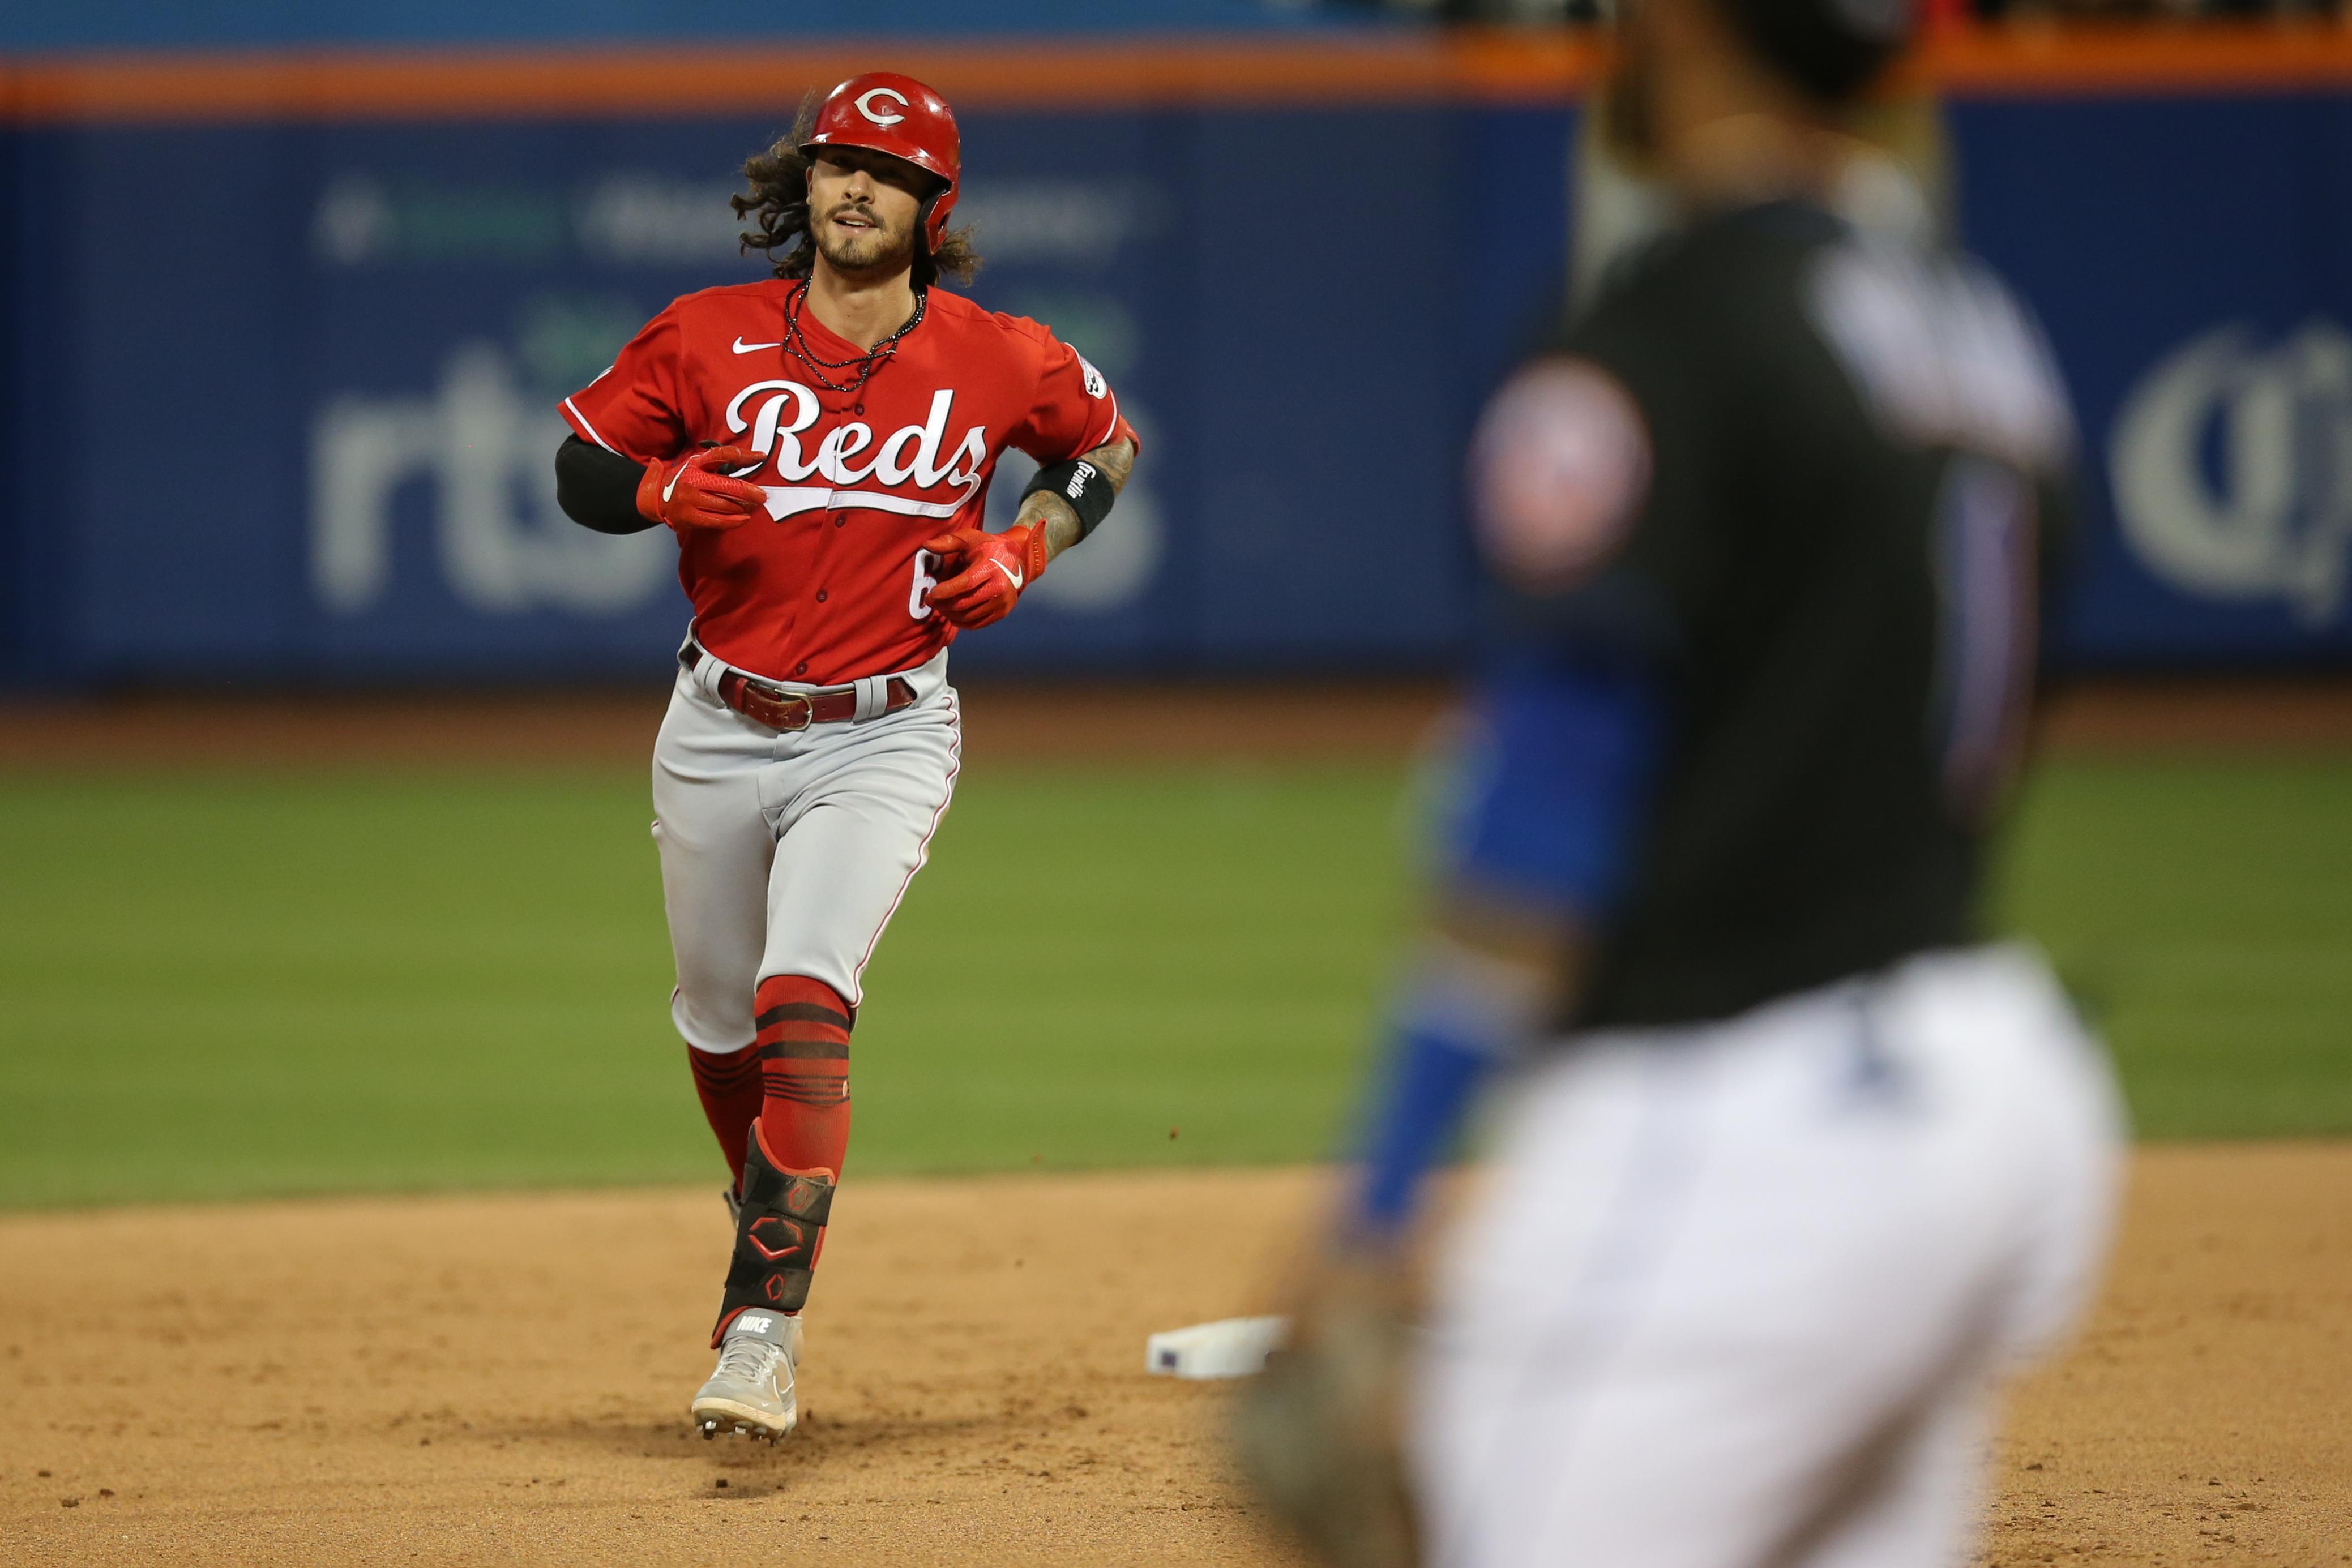 7/31/21 Game Preview: Cincinnati Reds at New York Mets